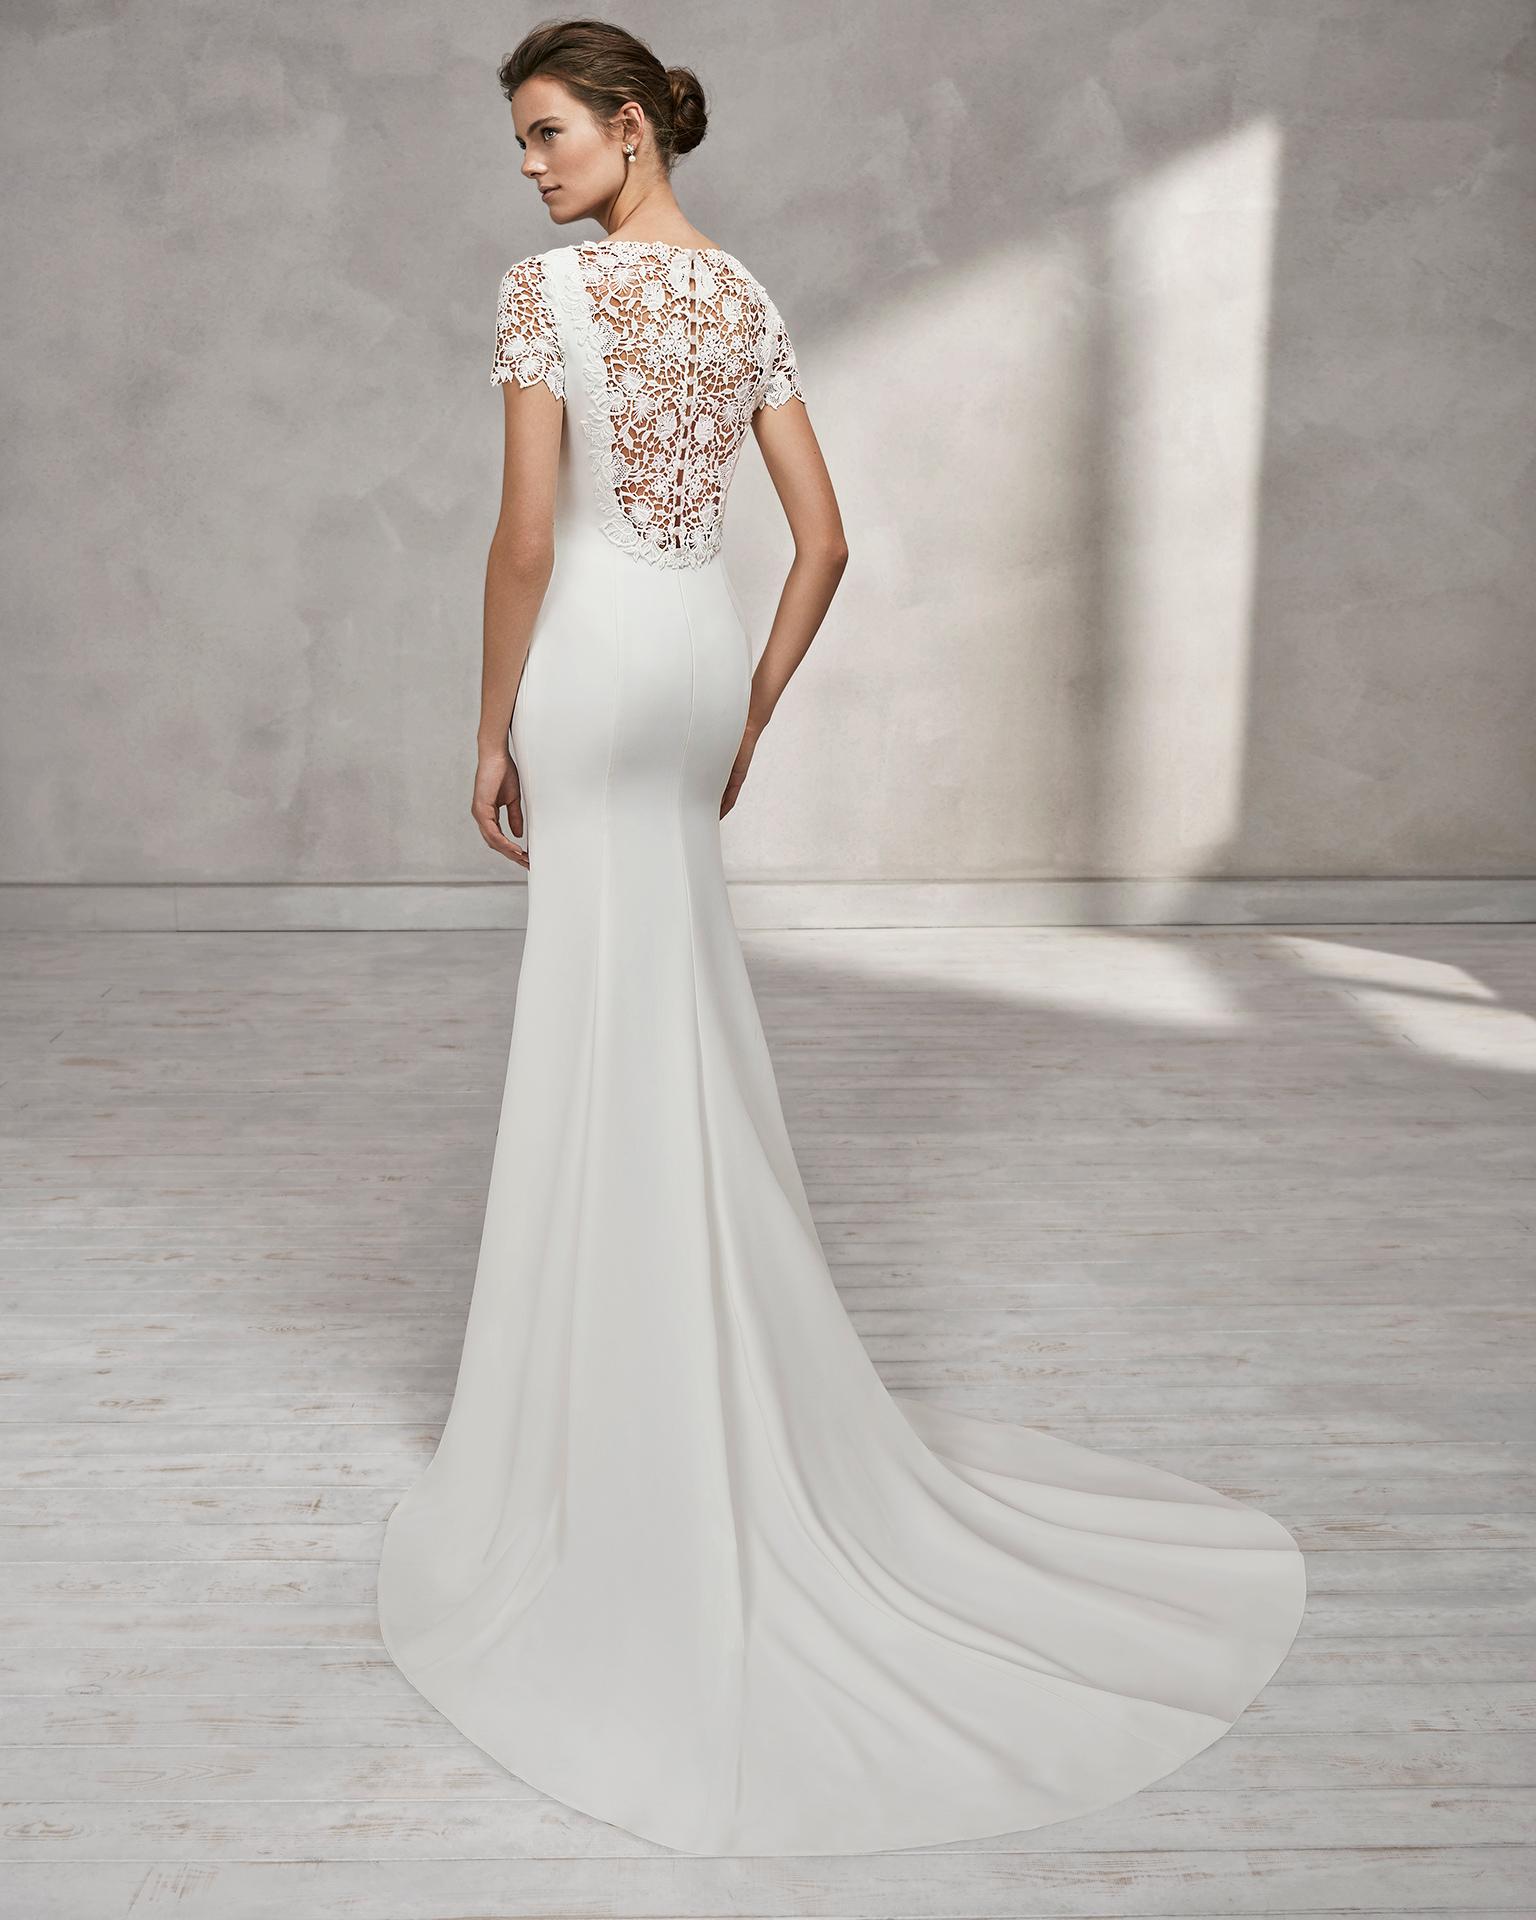 Vestido de novia corte sirena en crepe de manga corta con escote barco y espalda en guipur.